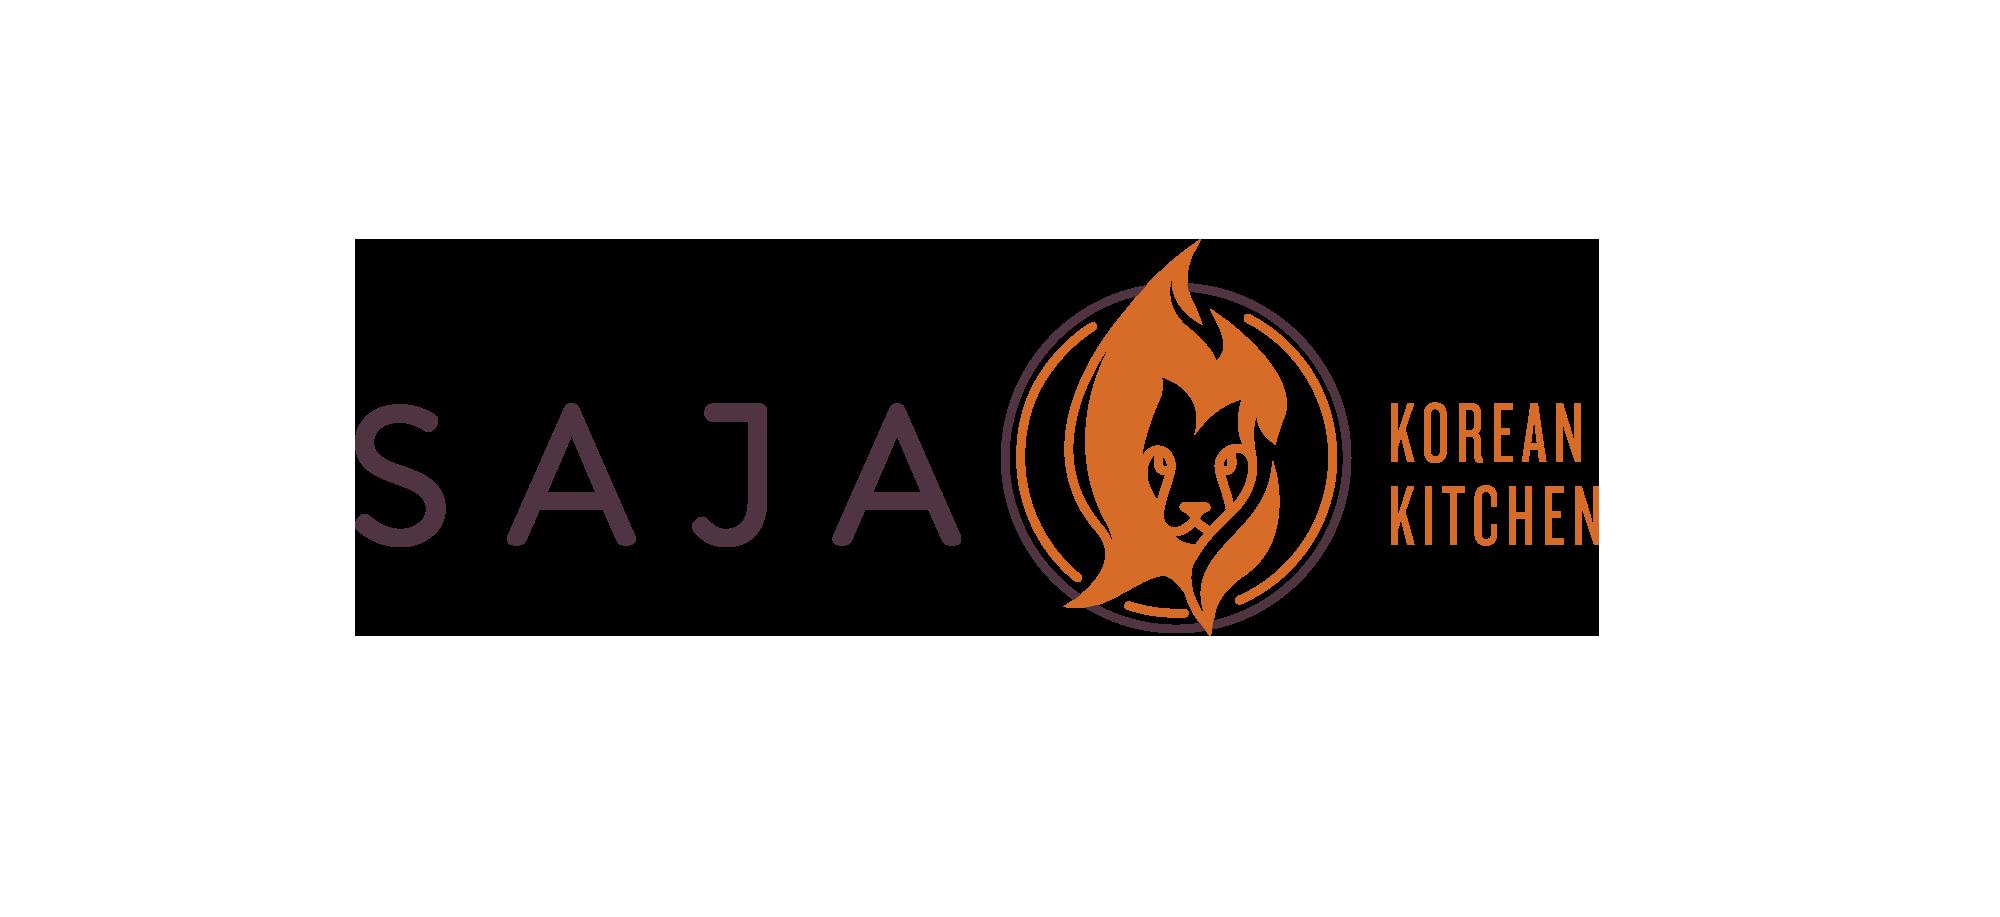 Saja Korean